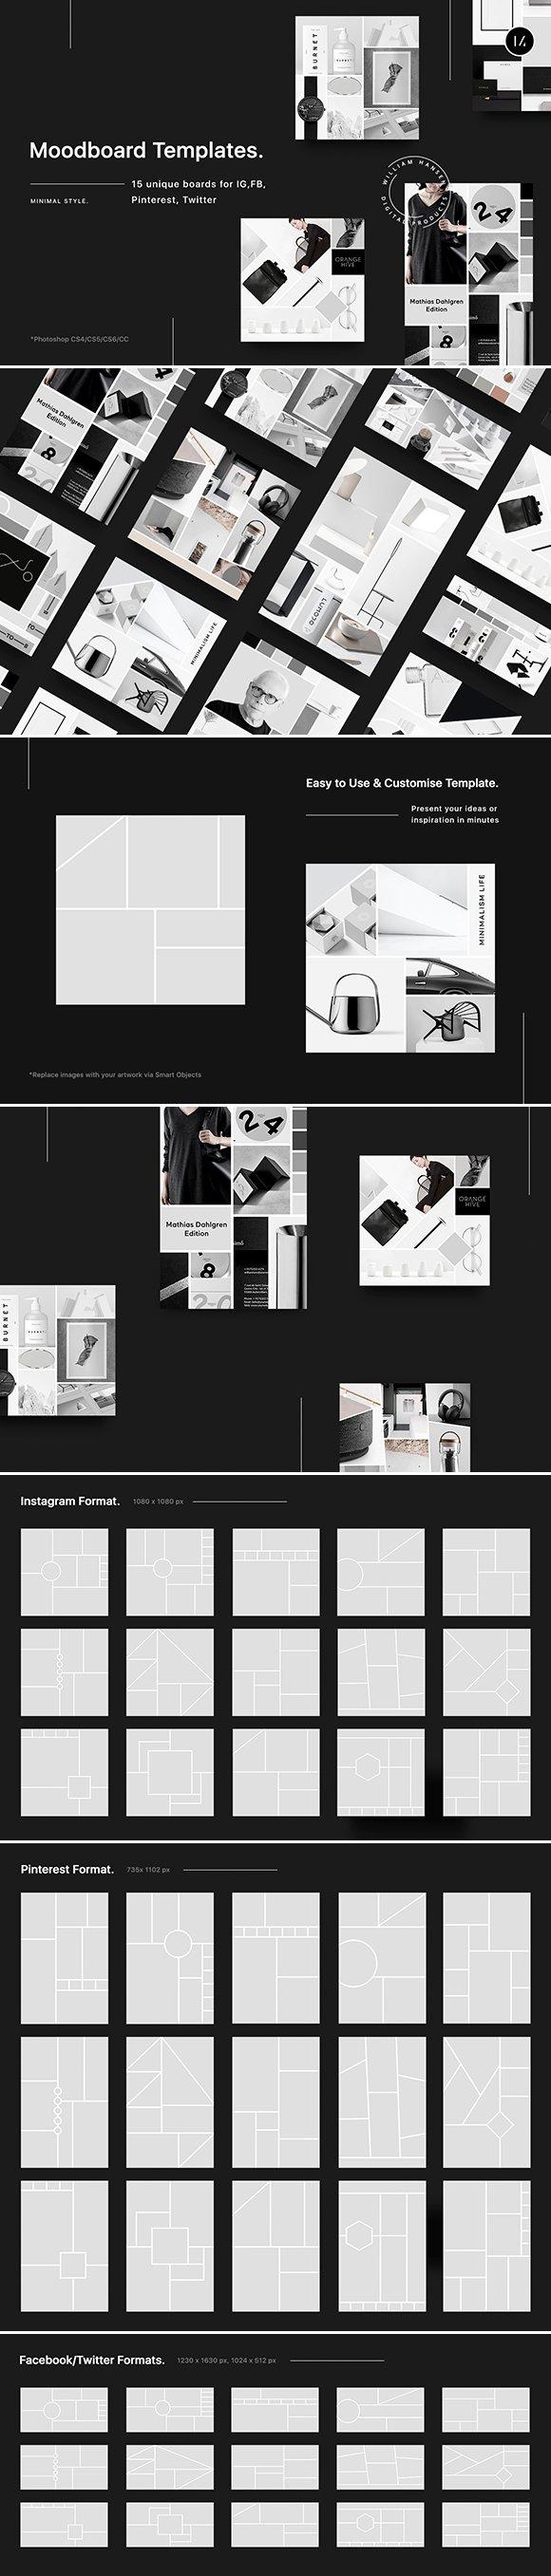 Работа дизайнера интерьера — в чем ее секреты и сложности? - статьи - атмосфера стиля - homemania